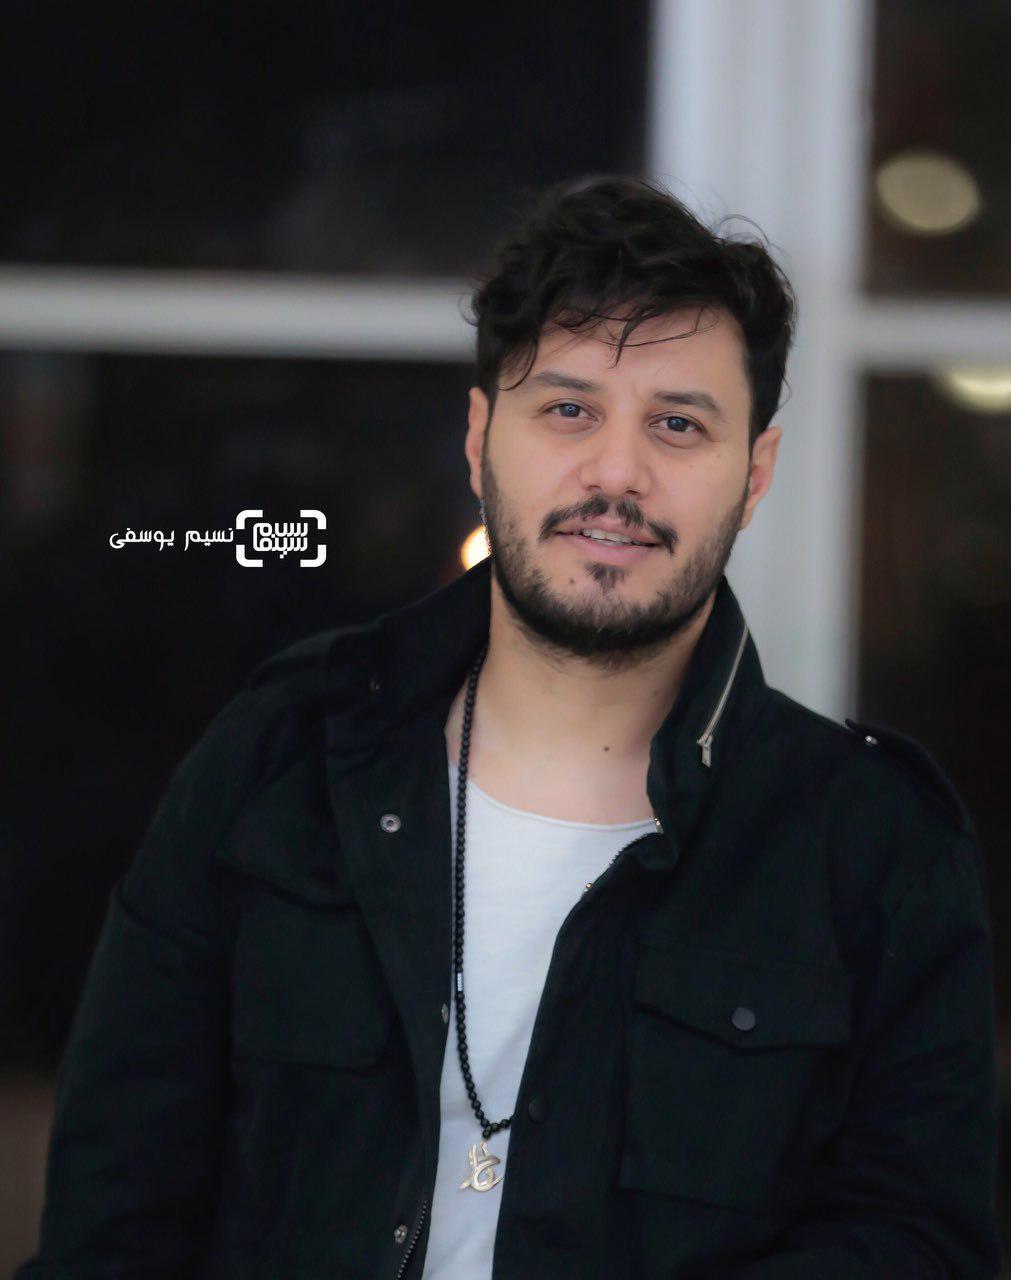 جواد عزتیاکران خصوصی فیلم «پارادایس»/ گزارش تصویری